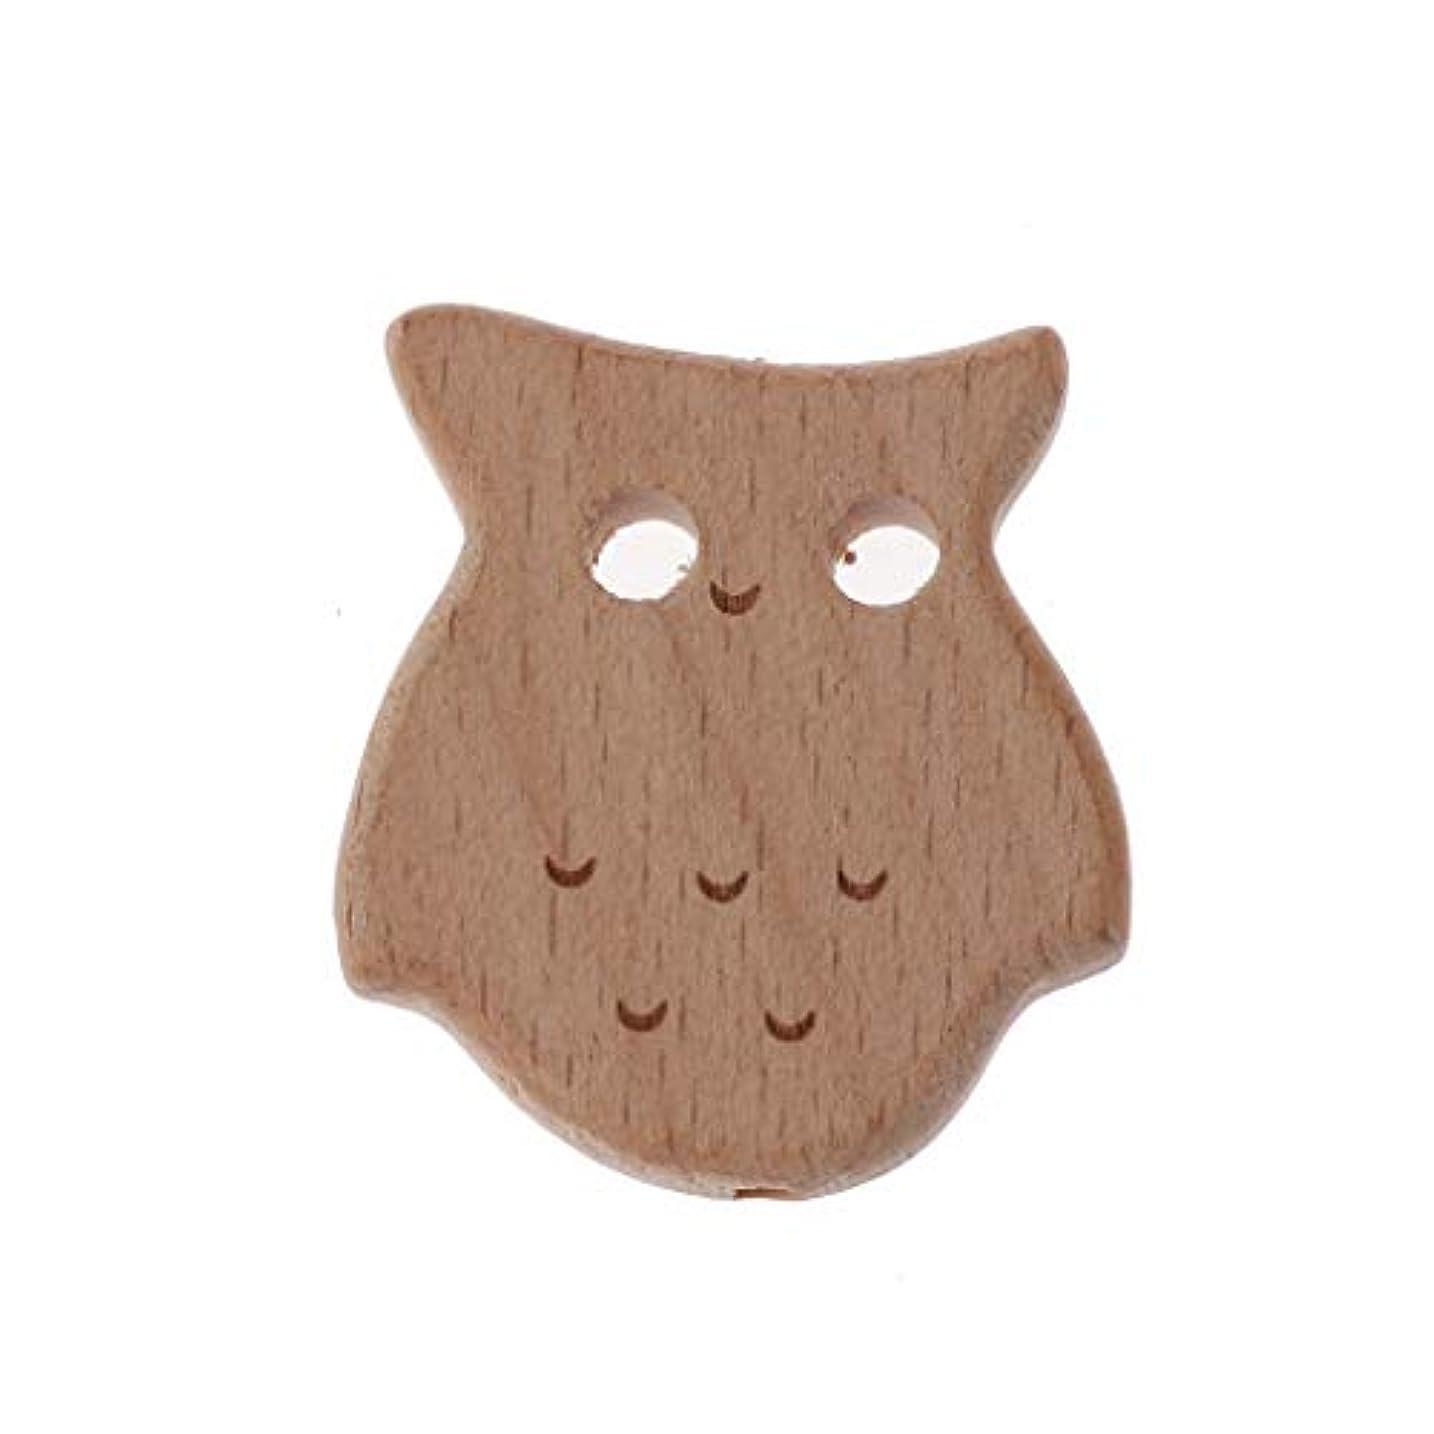 津波暴徒スライムLandwoodウッド歯が生えるビーズニレ動物ビーズ赤ちゃんのおもちゃDIYおしゃぶりチェーンアクセサリー - フクロウ